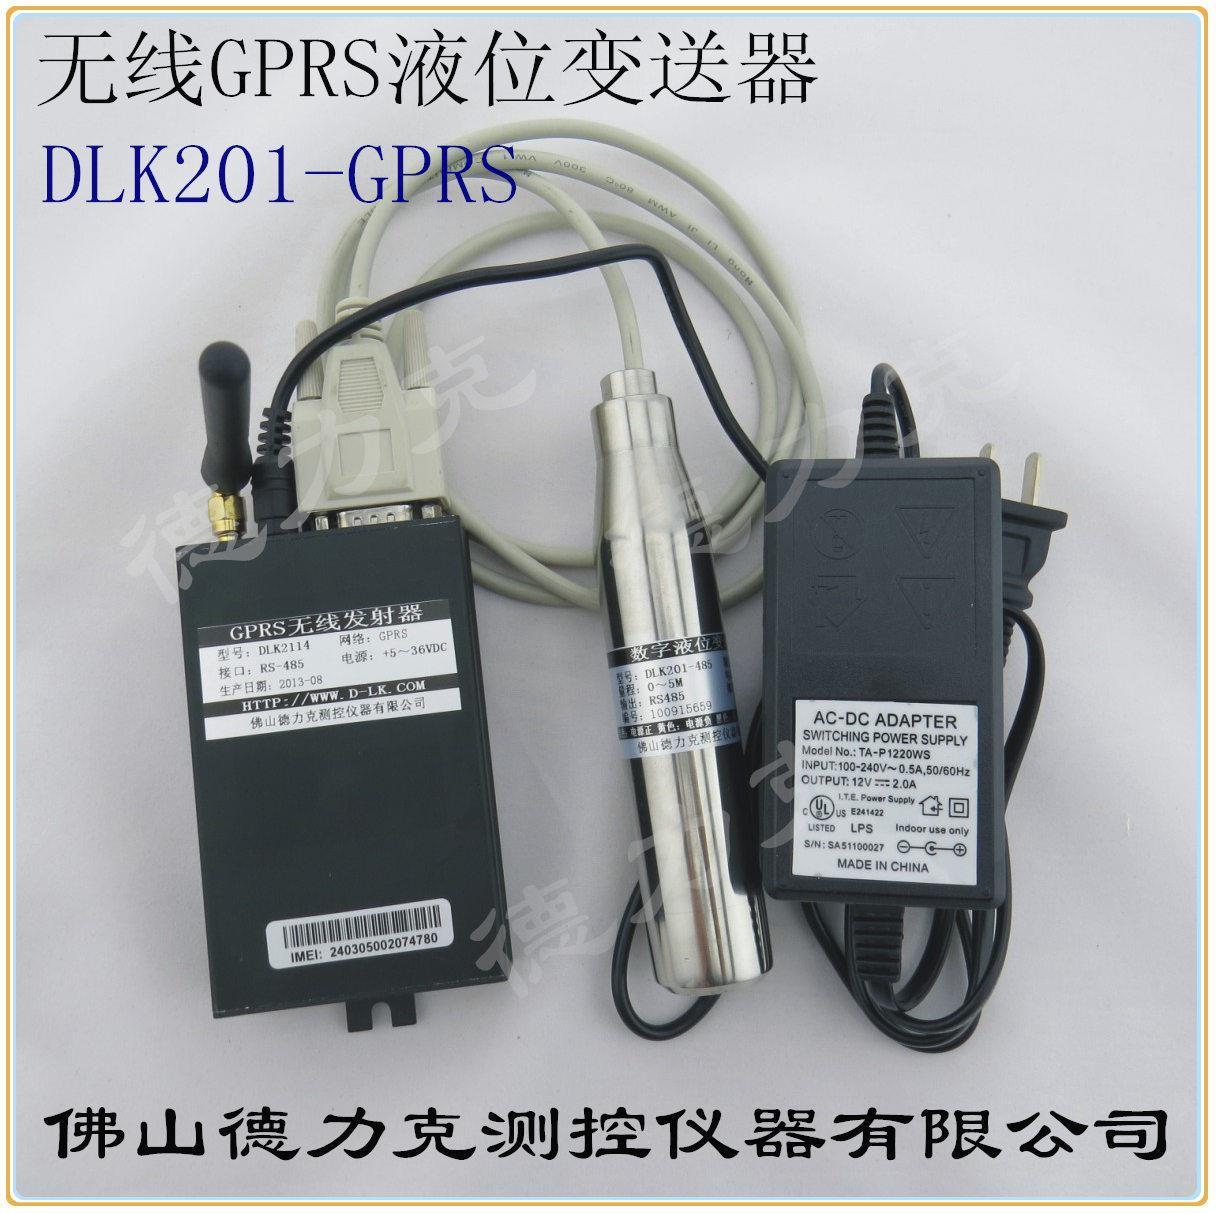 無線水位傳感器 無線液位傳感器 GPRS無線水位傳感器生產廠家